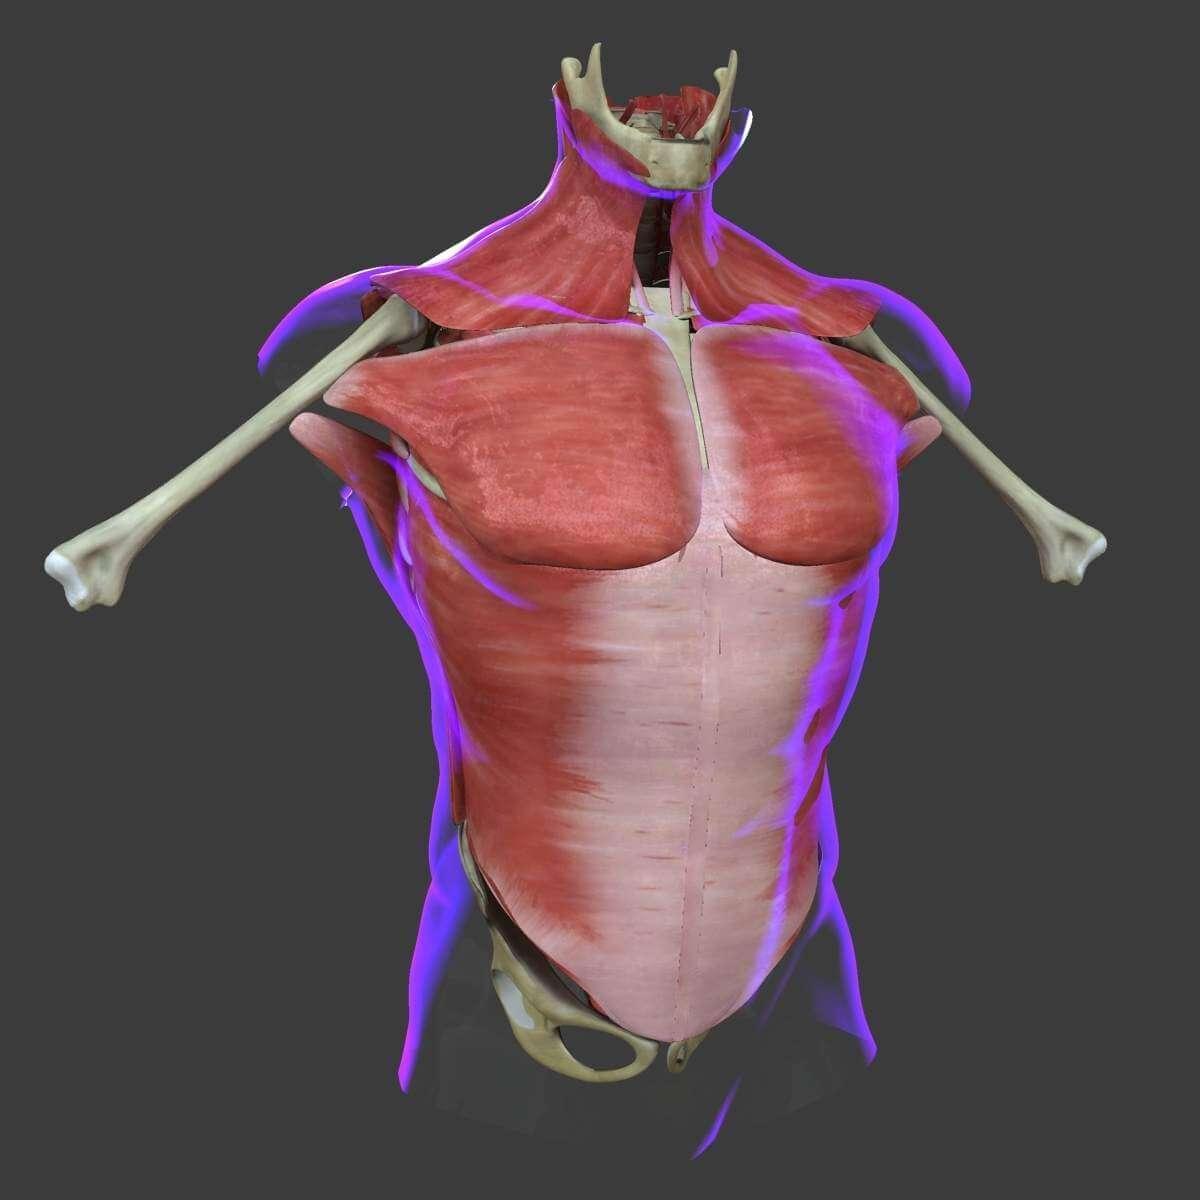 Muscles Of The Human Torso 3d Model